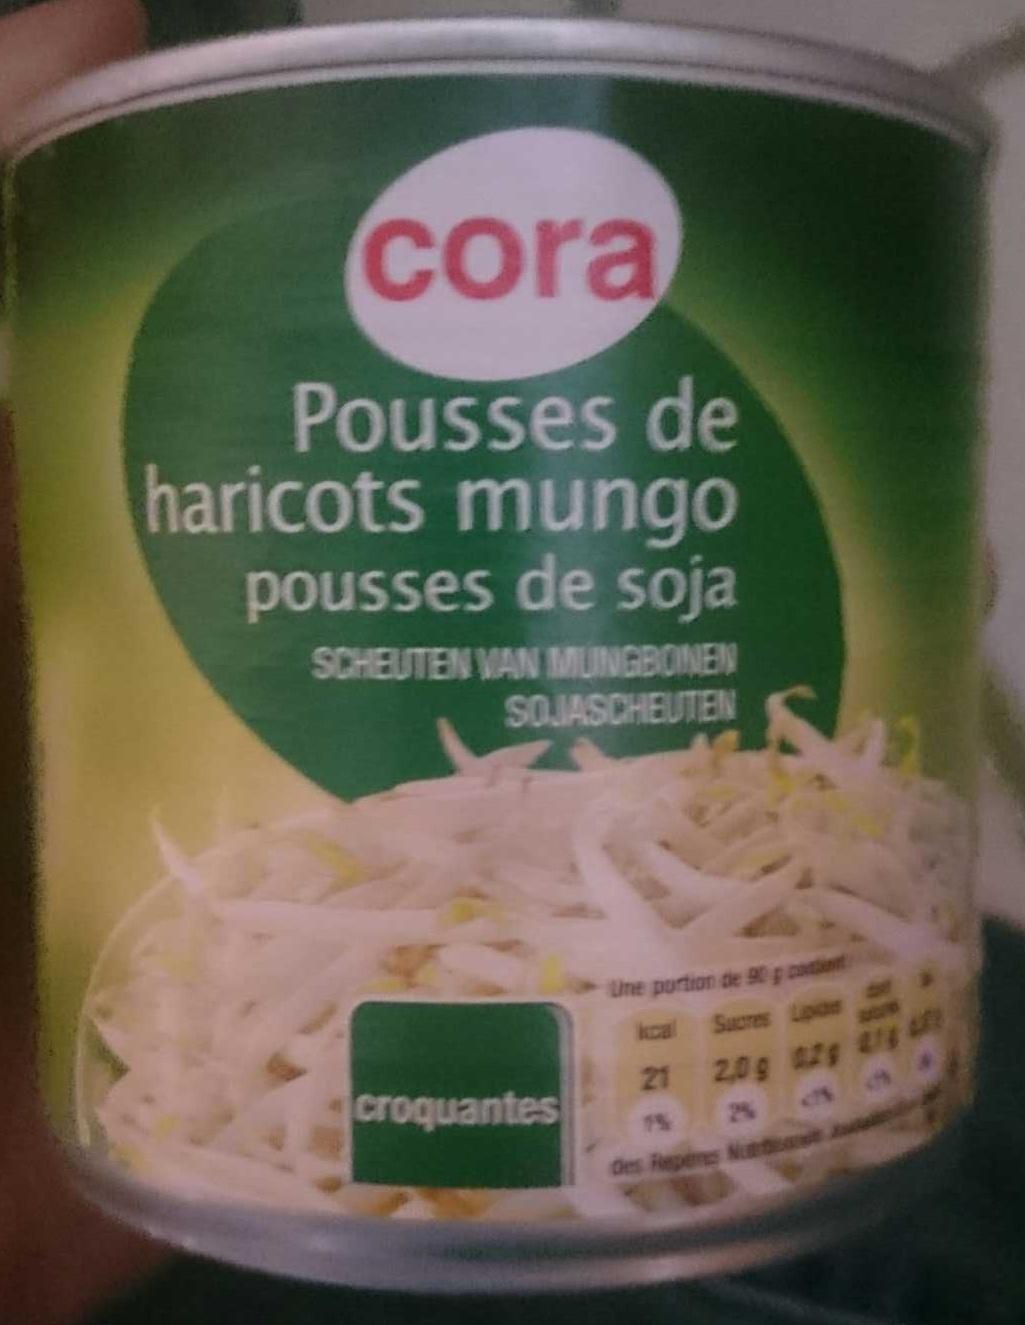 Pousses de haricots mungo pousses de soja cora 180 g - Cuisiner des pousses de soja ...